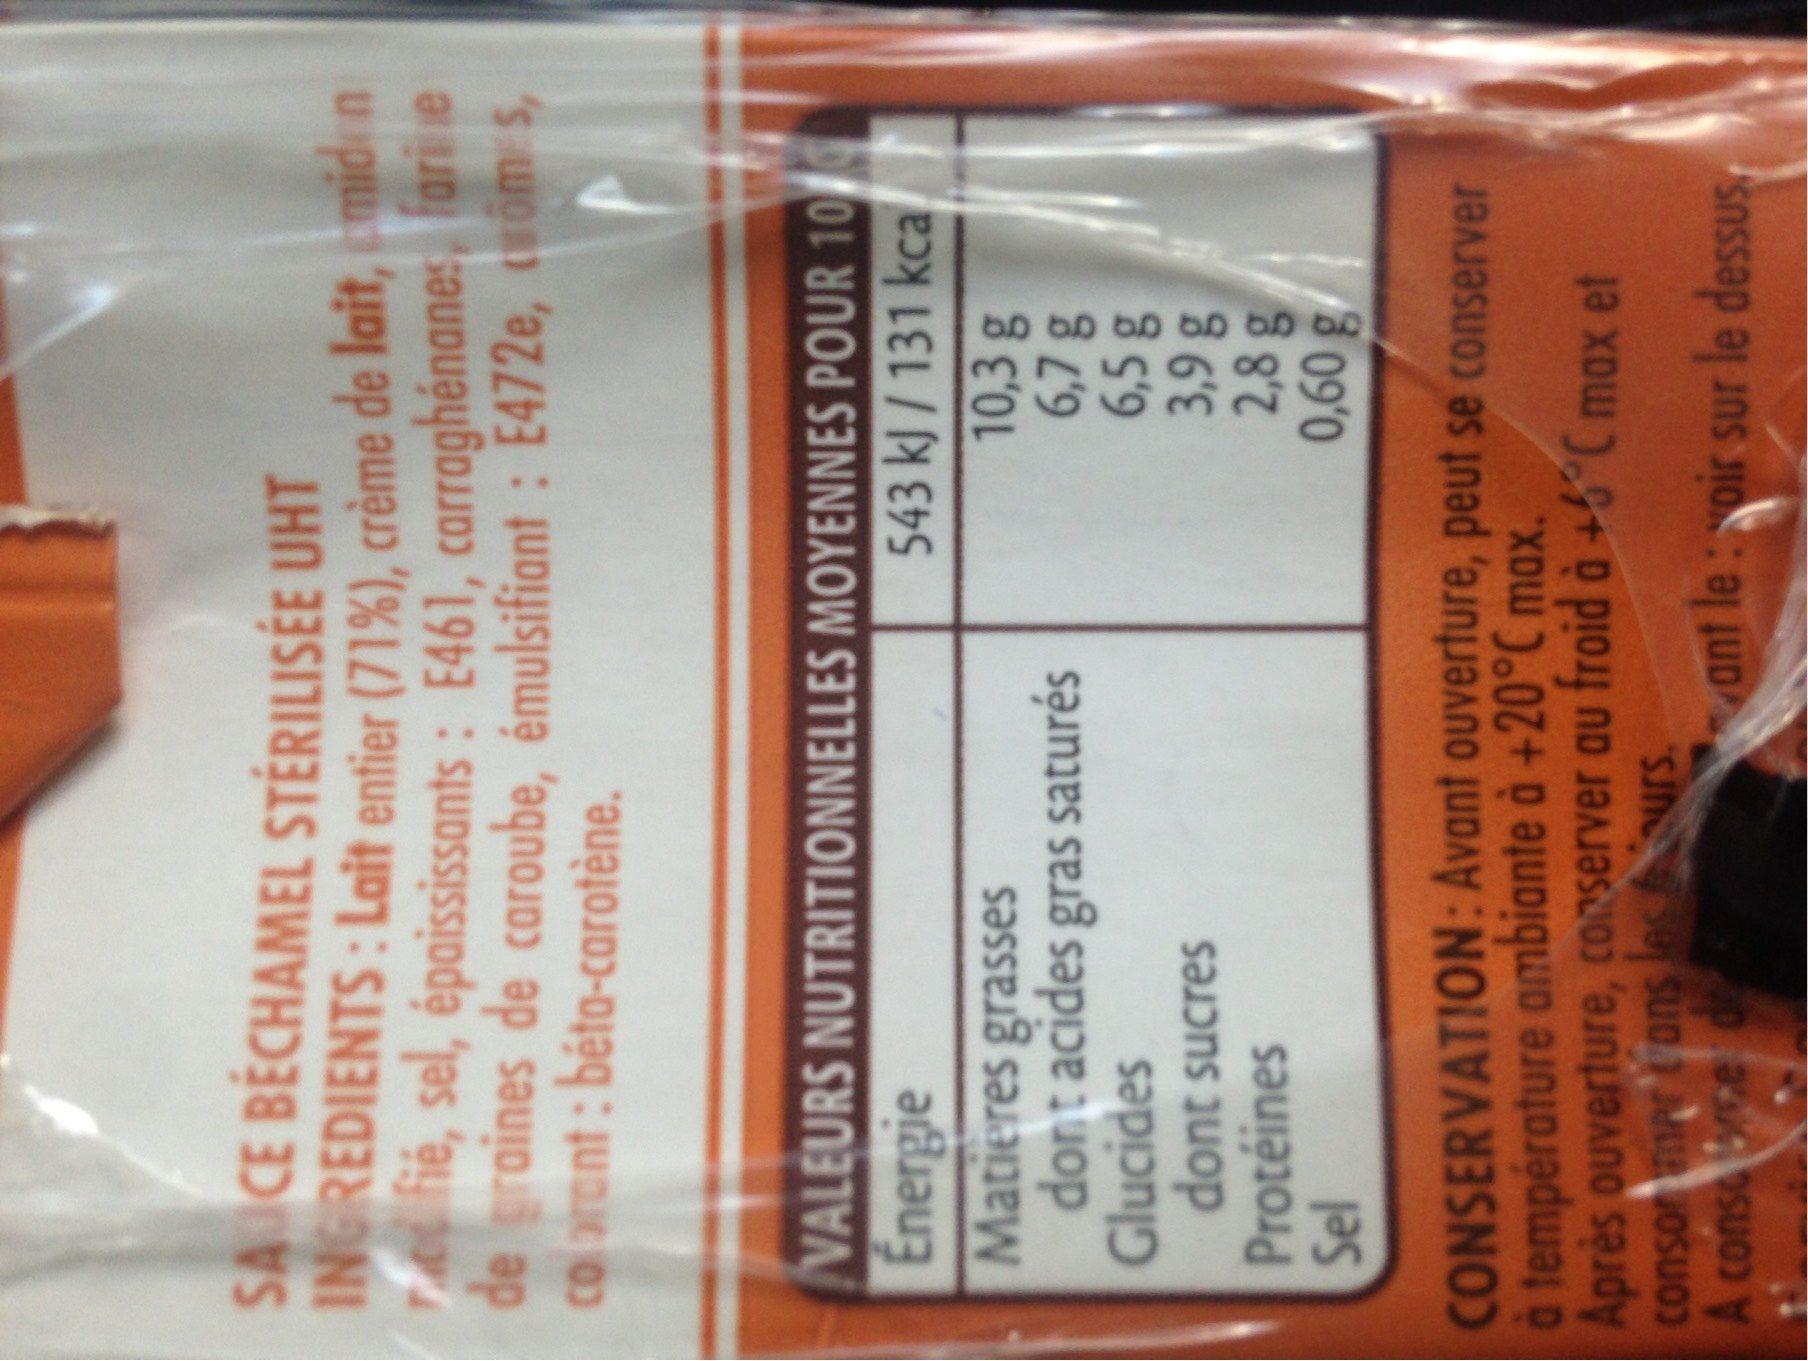 La Sauce Béchamel UHT au lait entier en brique - Valori nutrizionali - fr